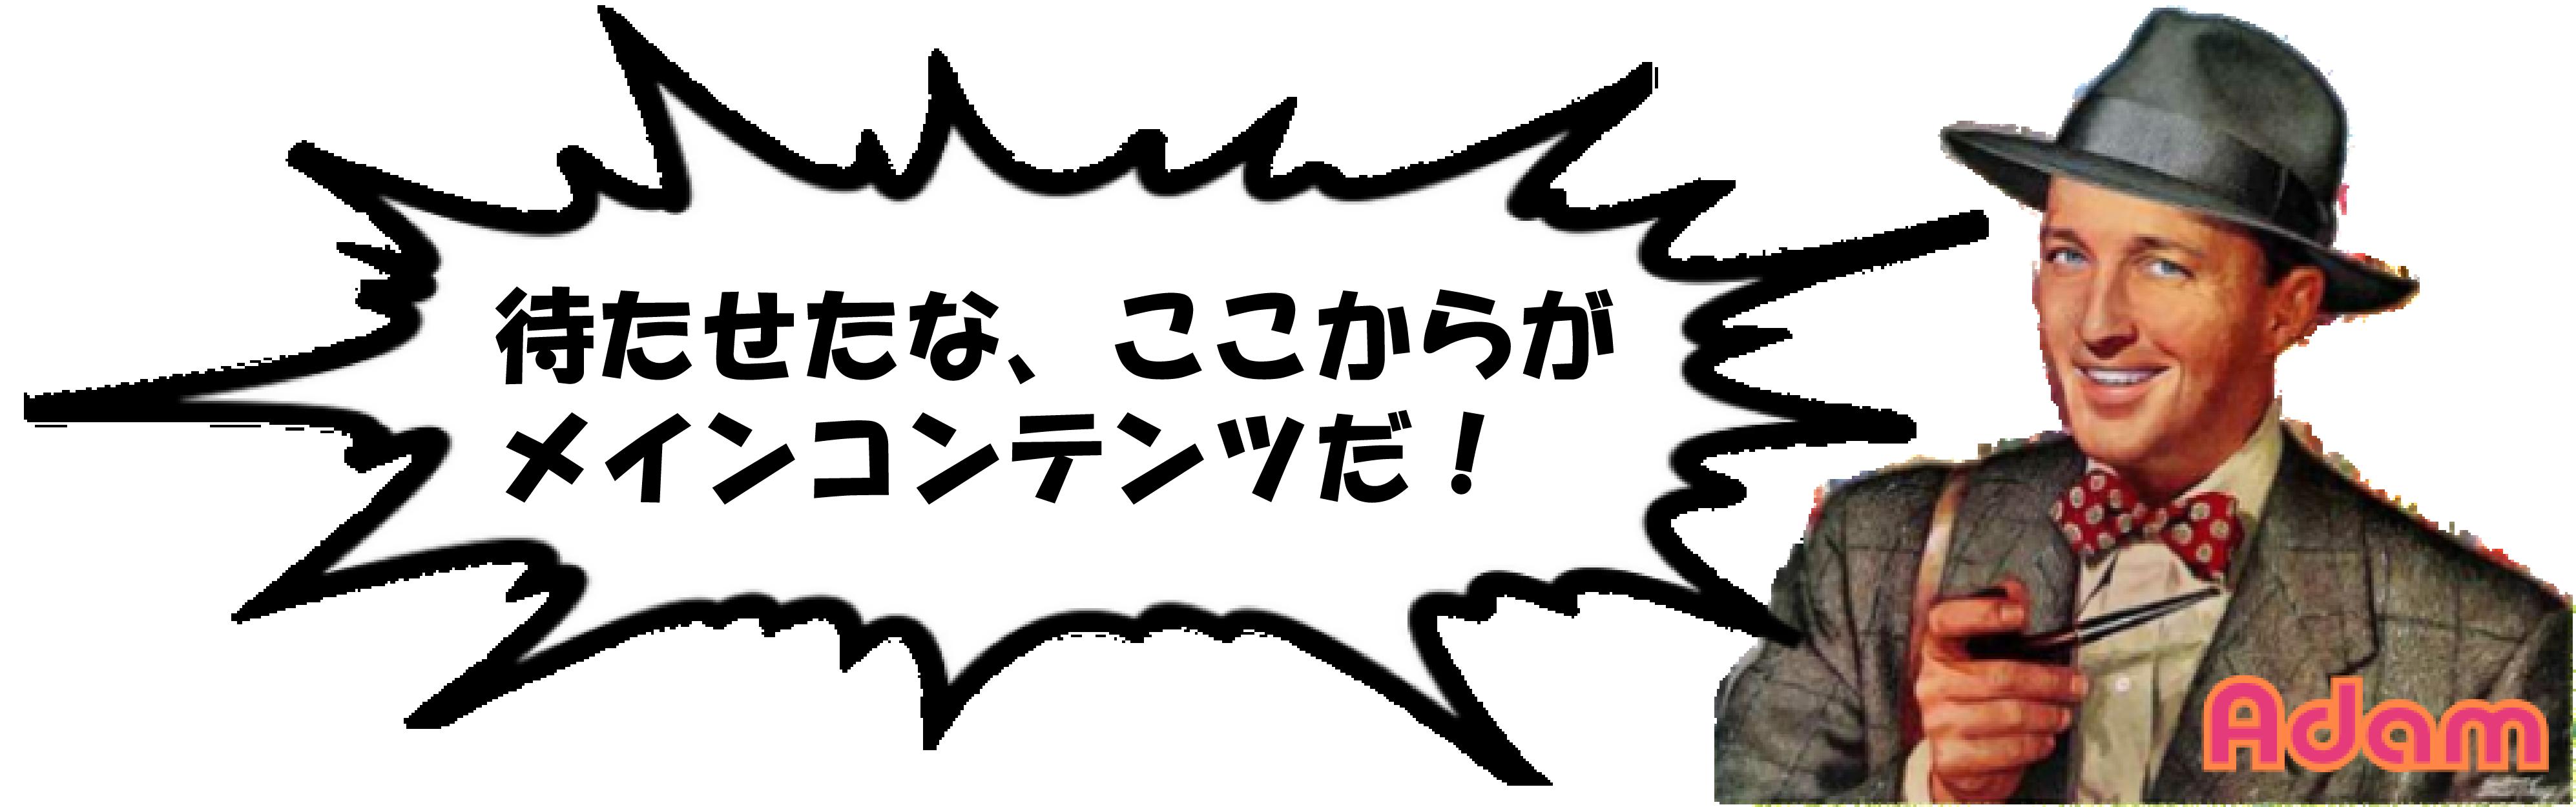 テンプレート(記事中広告ここまで)-01